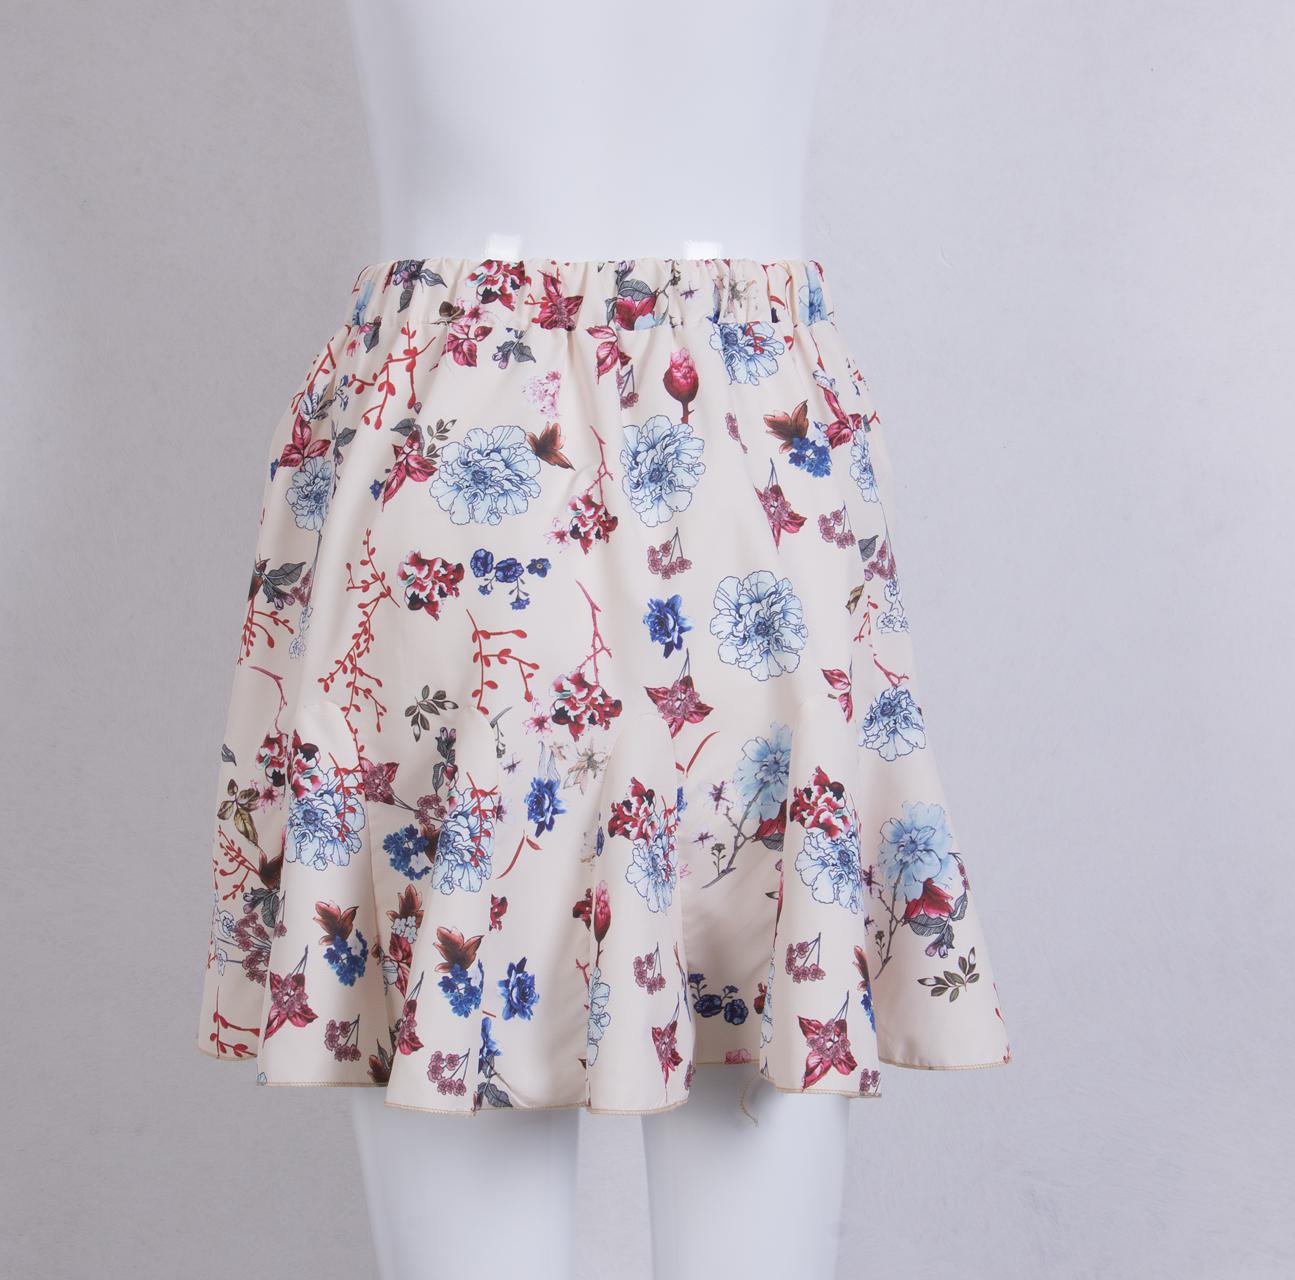 HTB1l2itSpXXXXbGXFXXq6xXFXXXt - Women Floral Mini Skirt JKP090